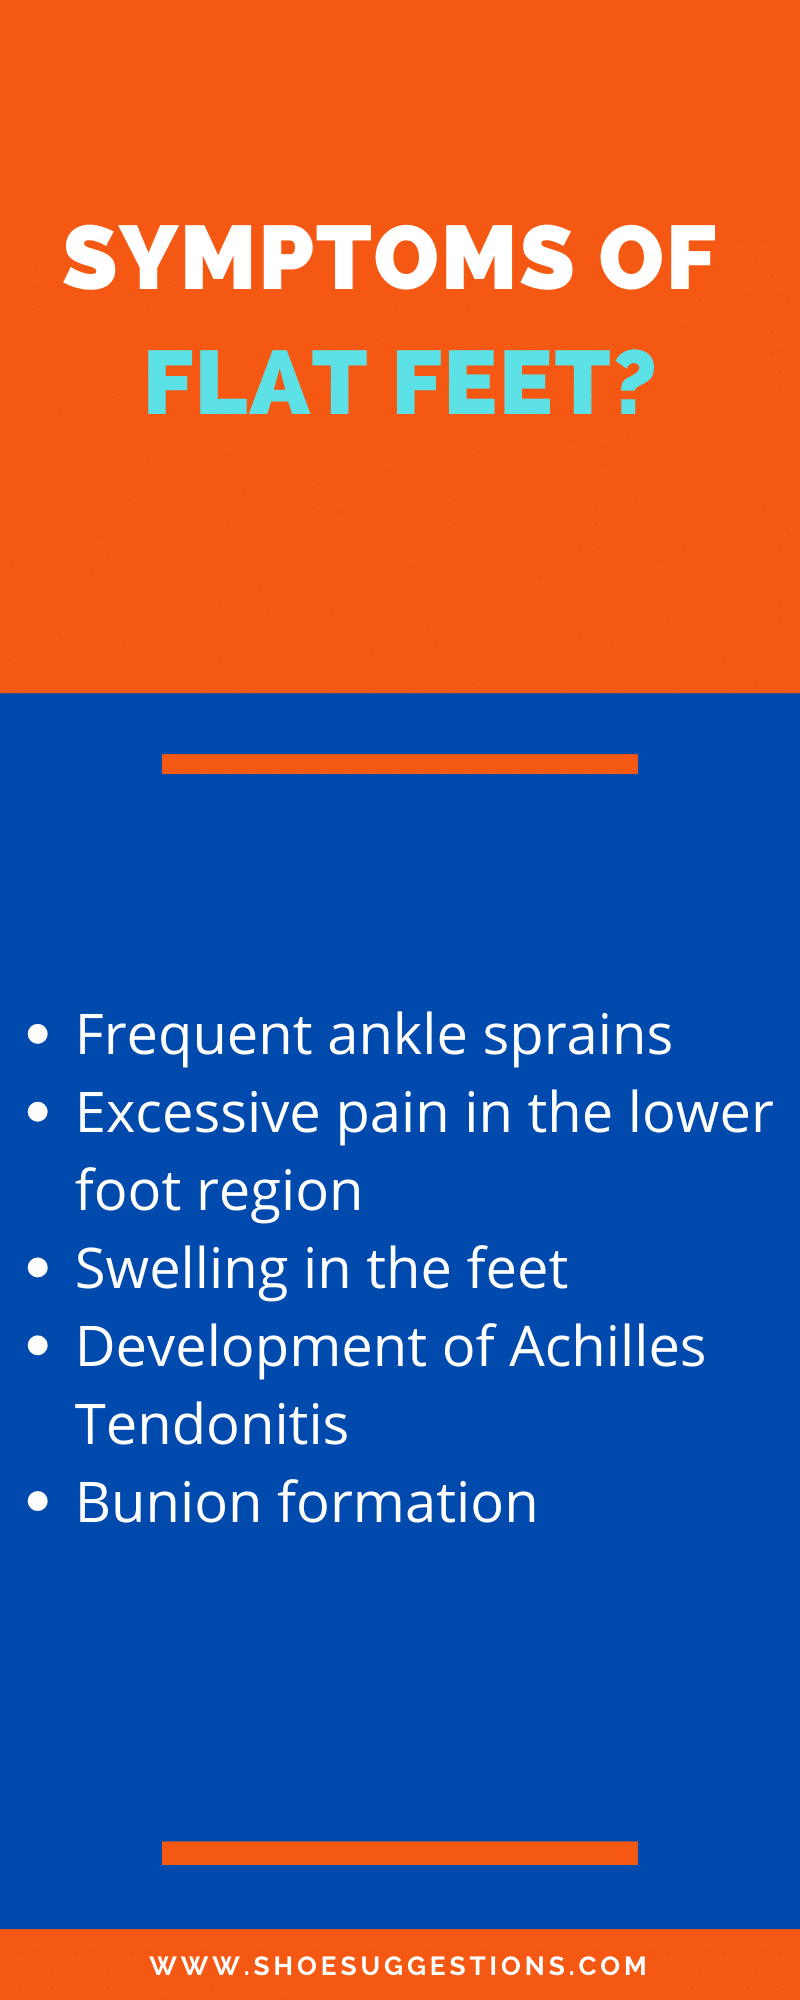 Symptoms of flat feet